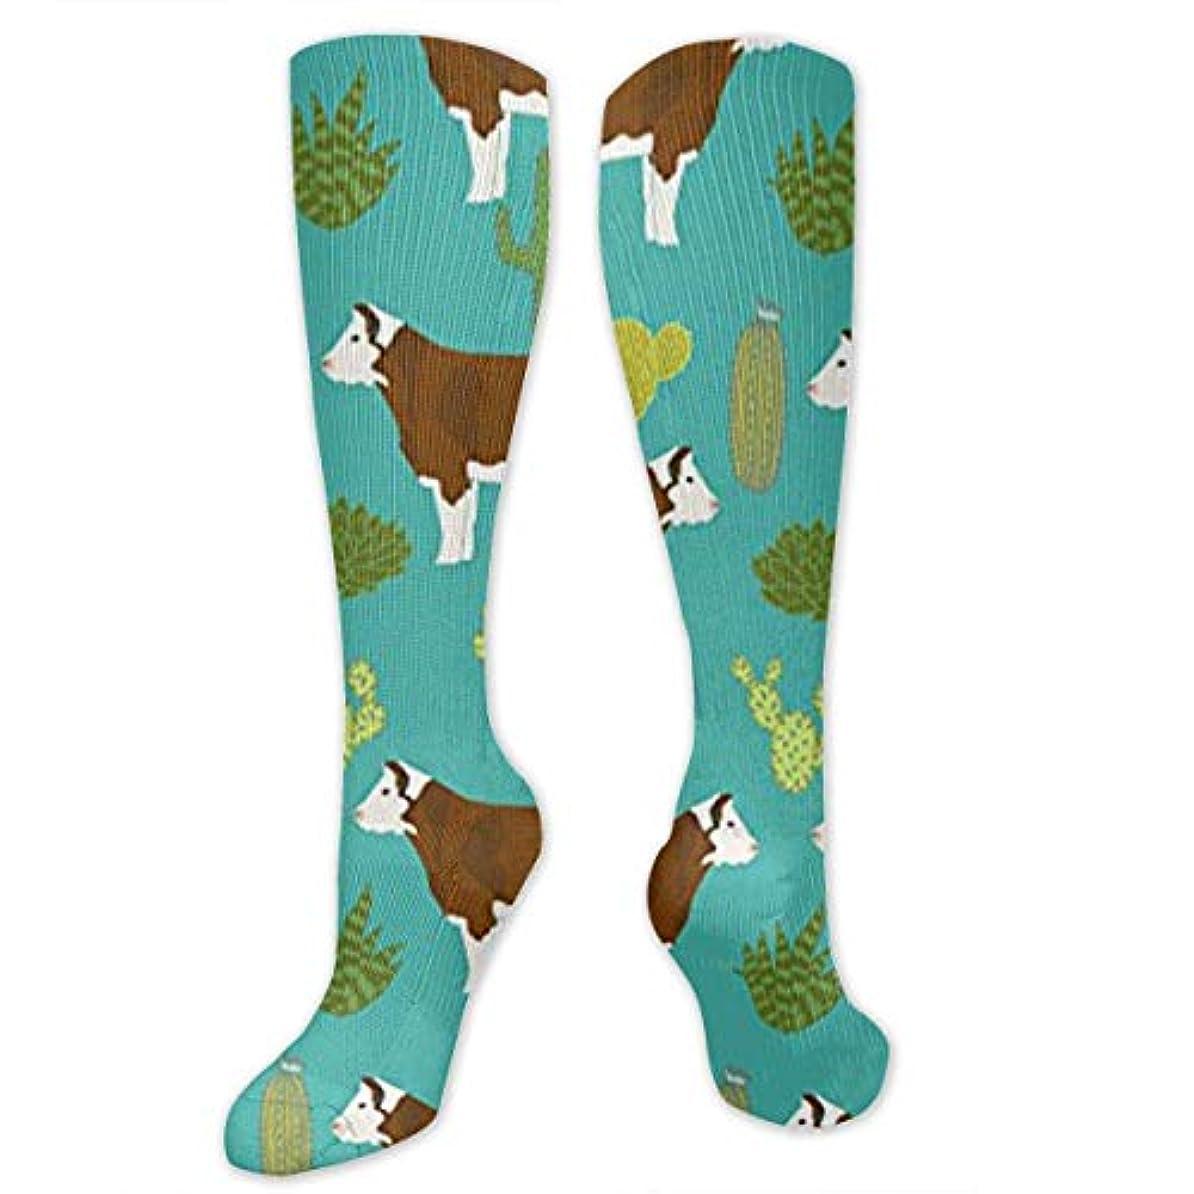 指令祖母装備する靴下,ストッキング,野生のジョーカー,実際,秋の本質,冬必須,サマーウェア&RBXAA Cow Cattle Cactus Socks Women's Winter Cotton Long Tube Socks Knee...